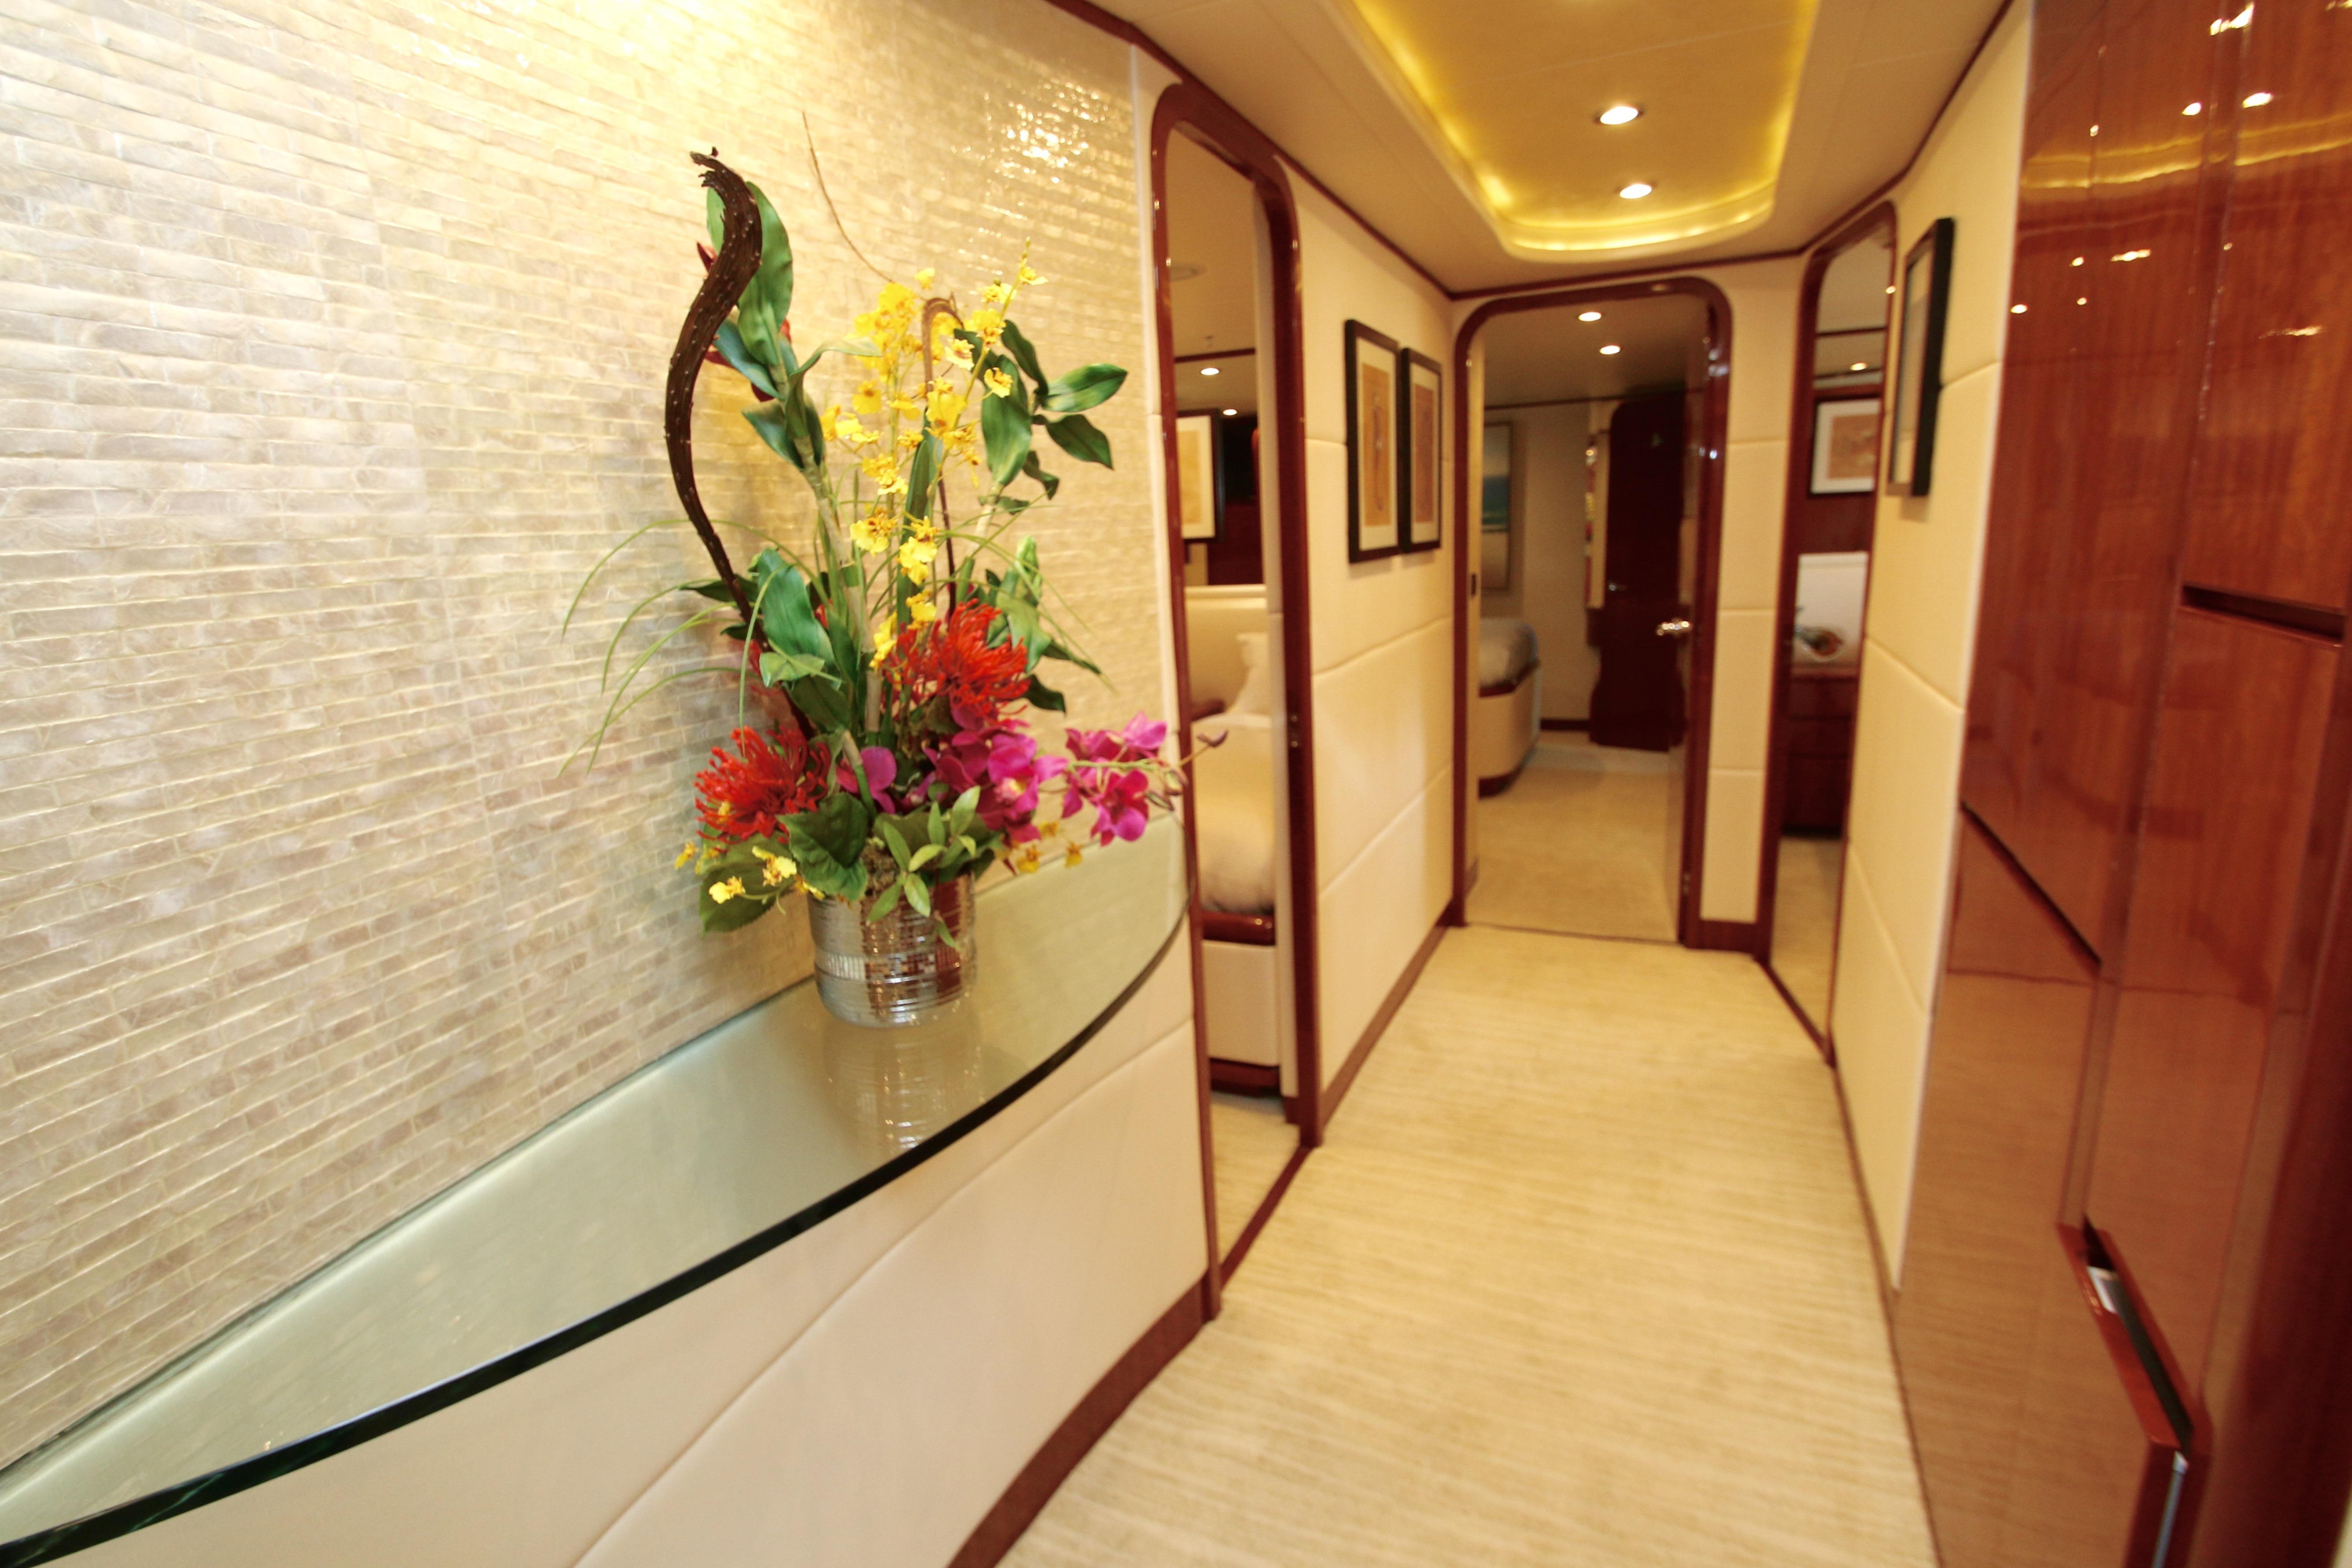 Interior Hallway Detail